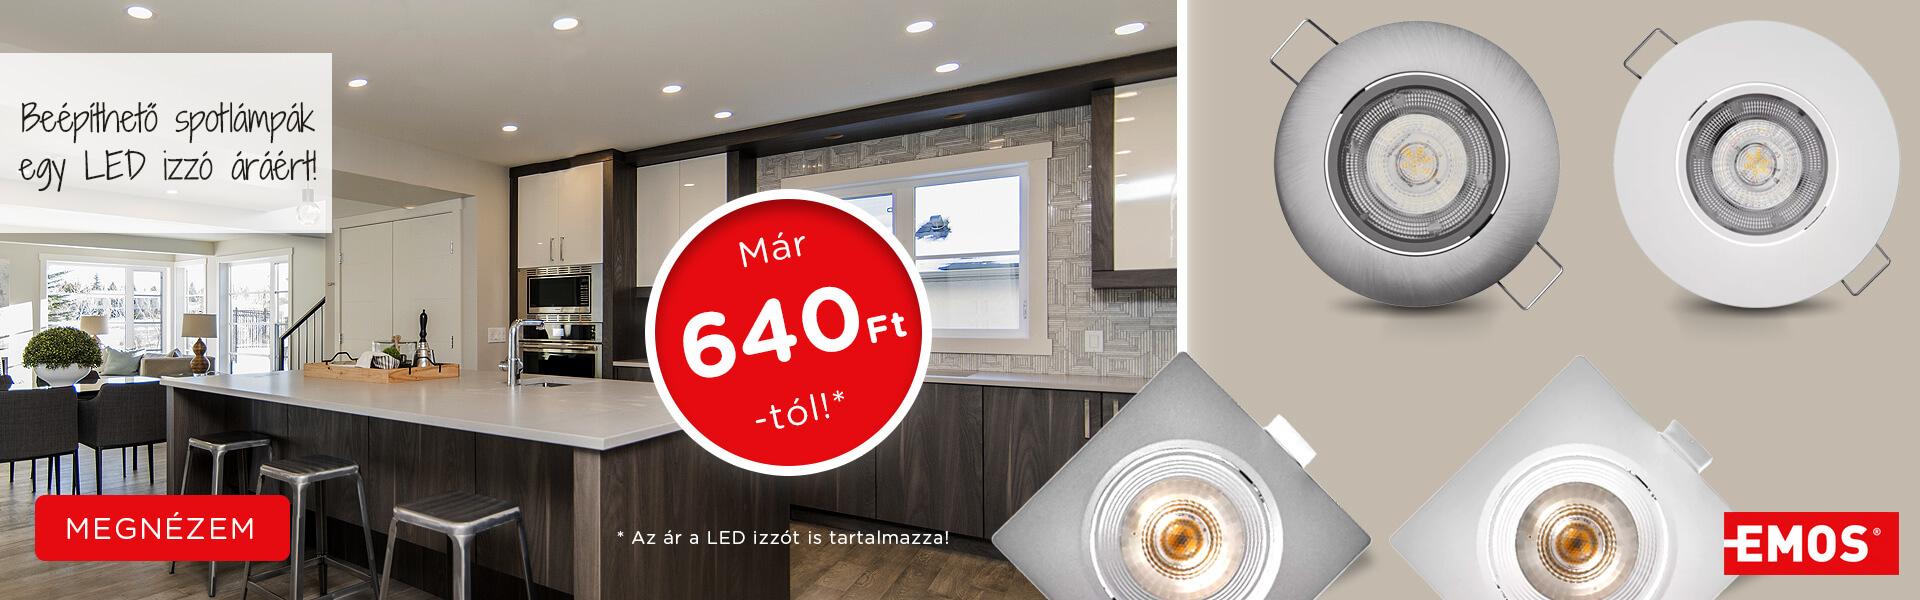 Akkumulátoros LED reflektor Bluetooth hangszoróval, powerbank funkcióval.